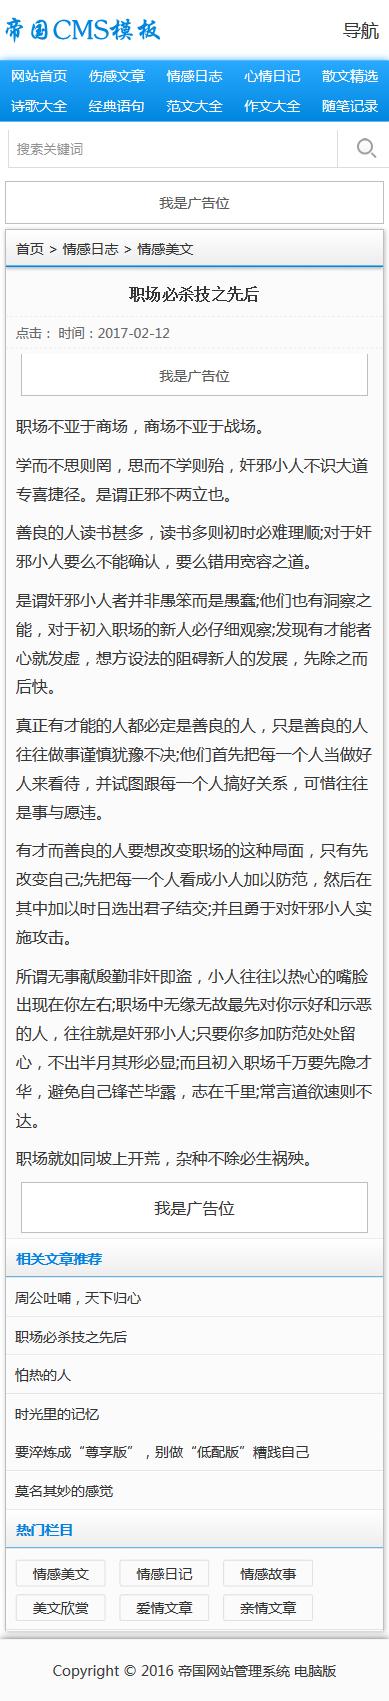 帝国cms蓝色新闻资讯文章模板加手机wap模板_手机版内容页模板